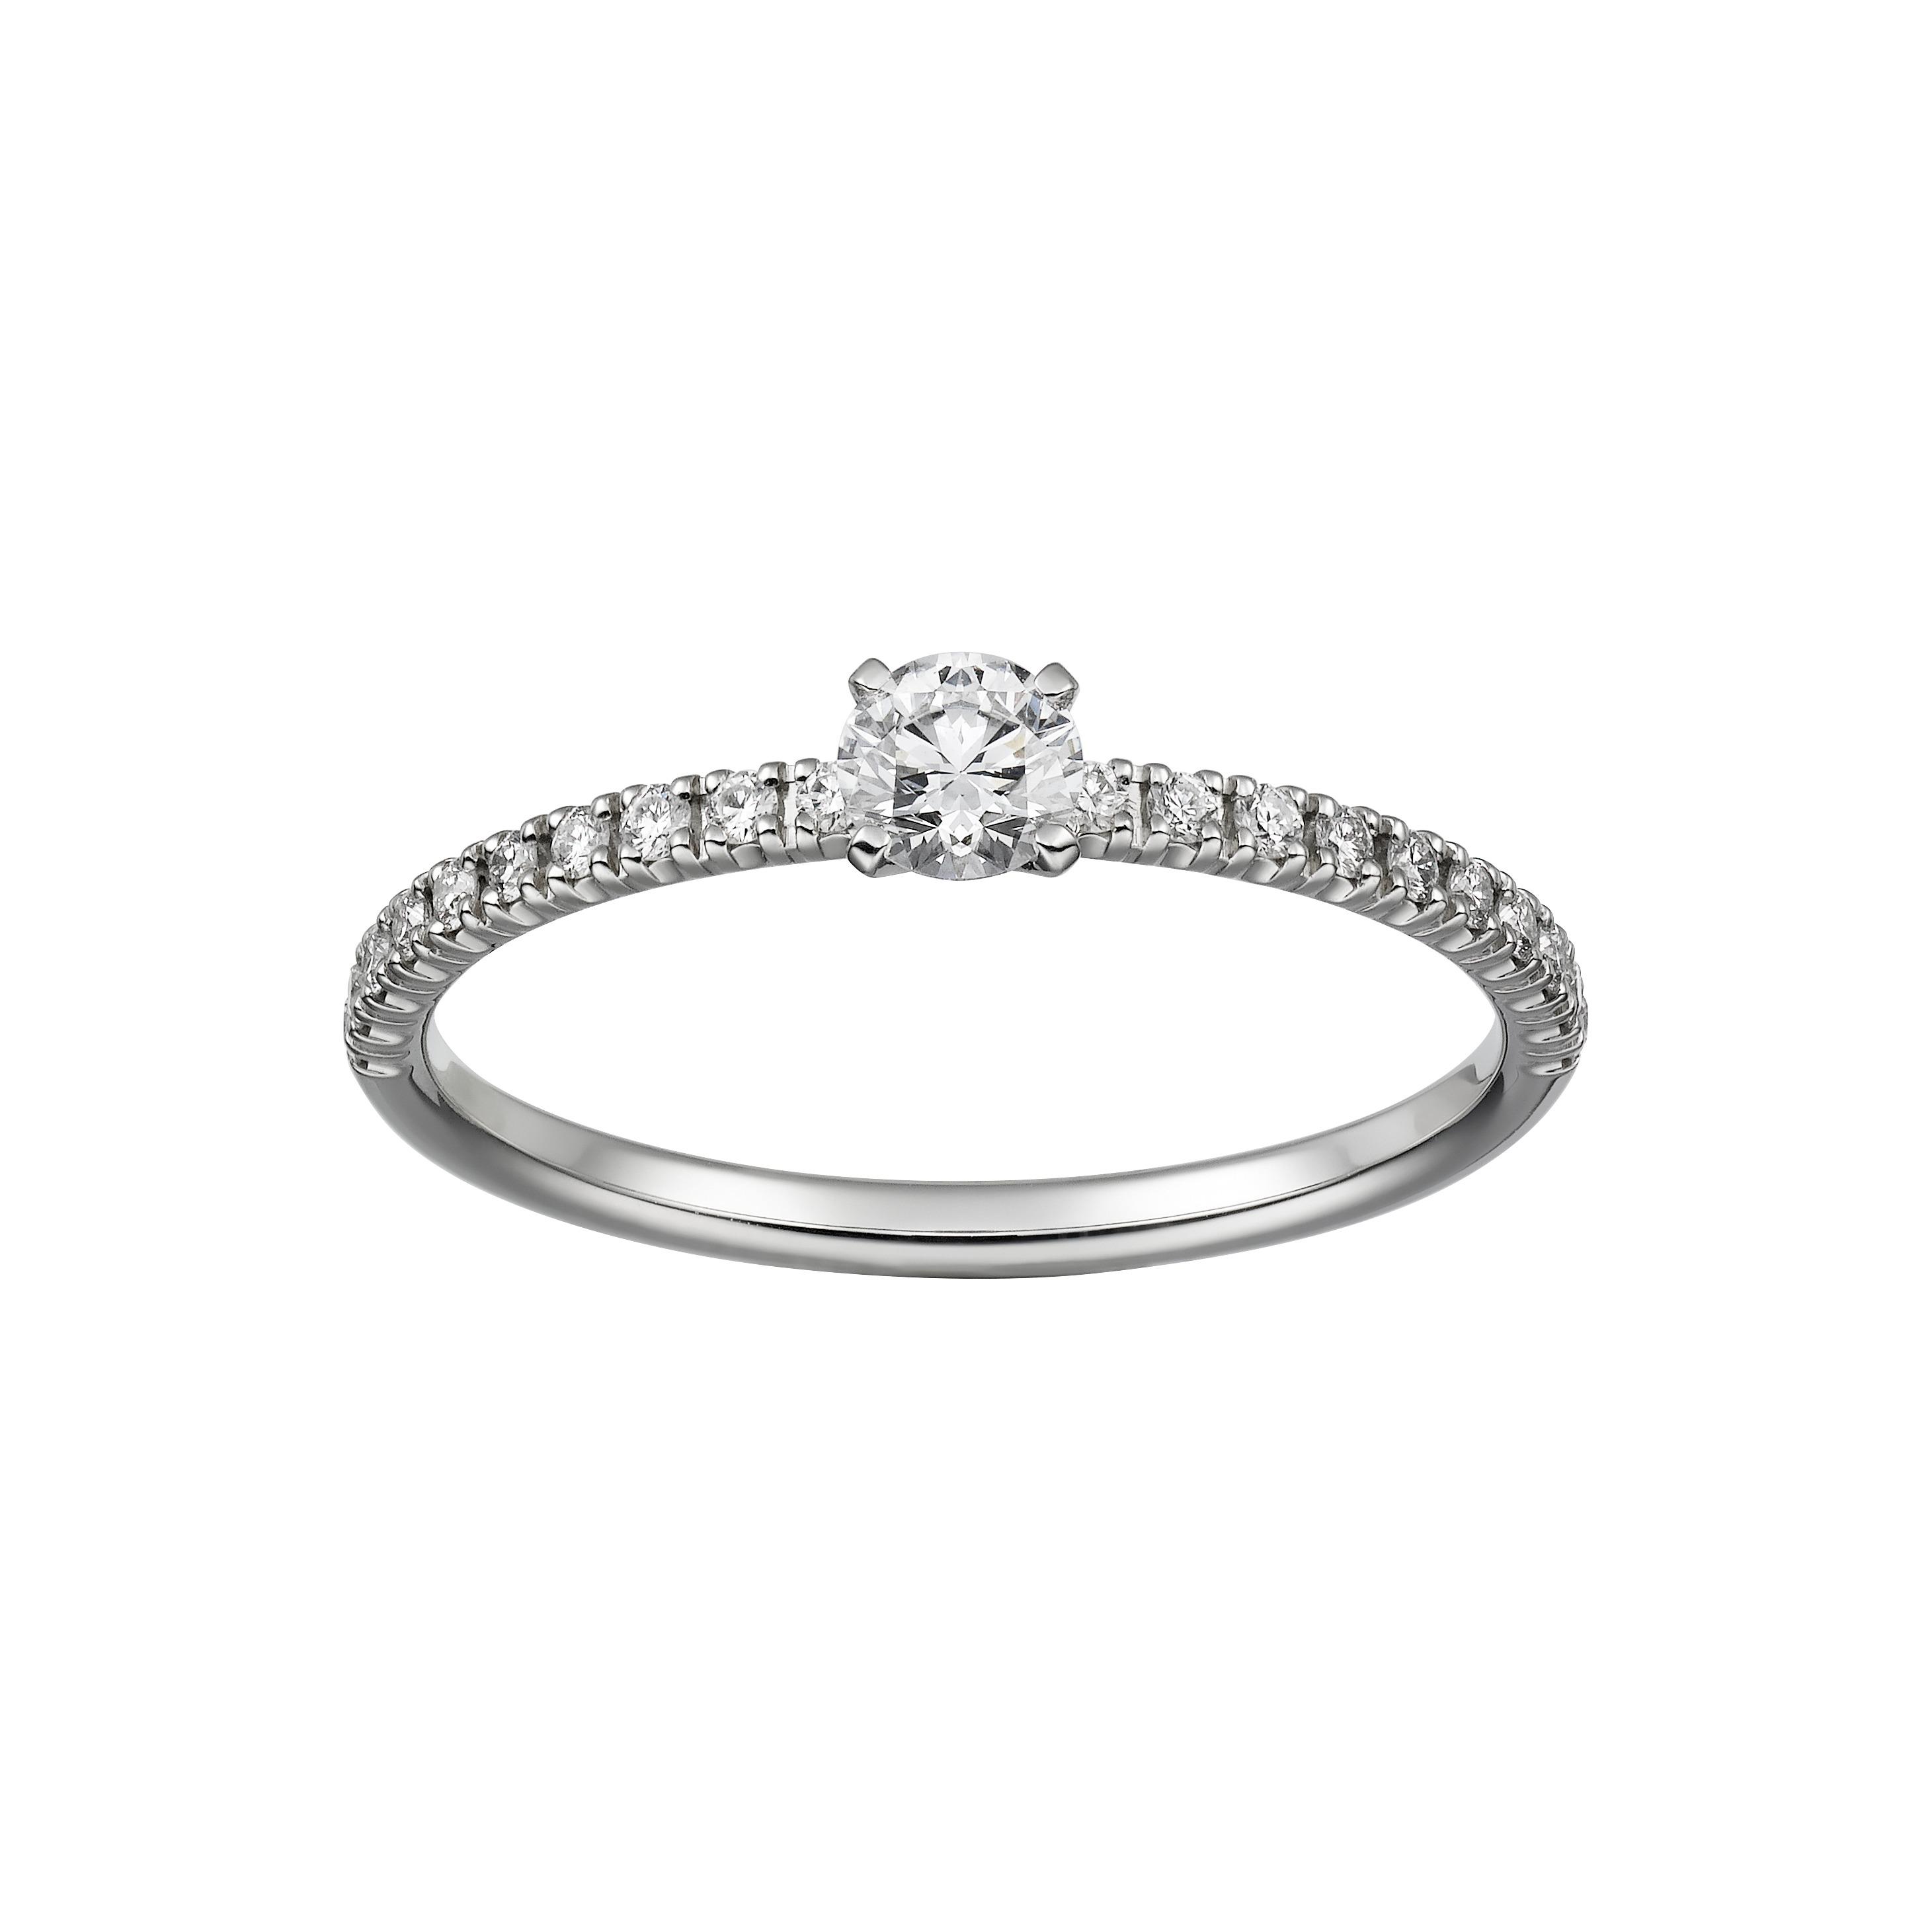 43d2478ae87b El modelo en platino está disponible en diamantes de 0.18 a 0.34 quilates y  en diamantes de 0.40 a 0.44 quilates